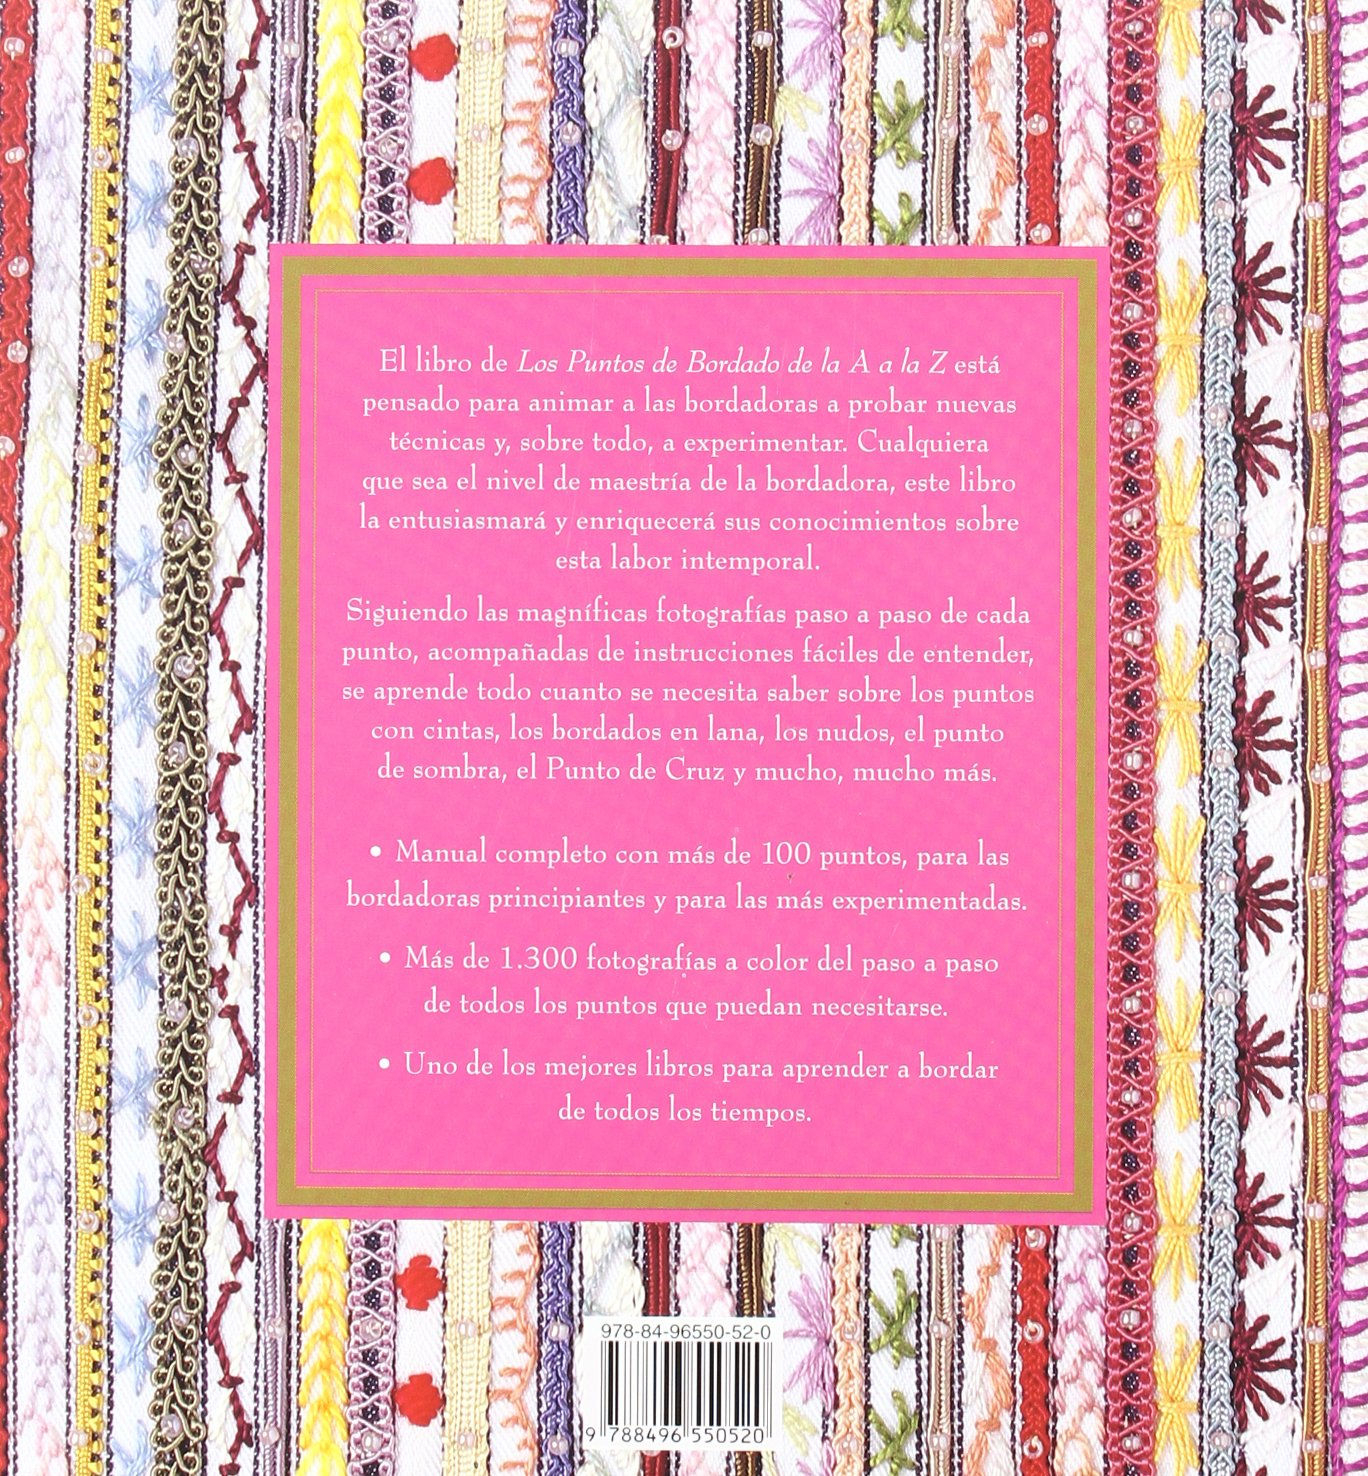 Los Puntos Del Bordado De La a a La Z: Manual Completo Para Todos Los Niveles (Spanish Edition): VV.AA.: 9788496550520: Amazon.com: Books